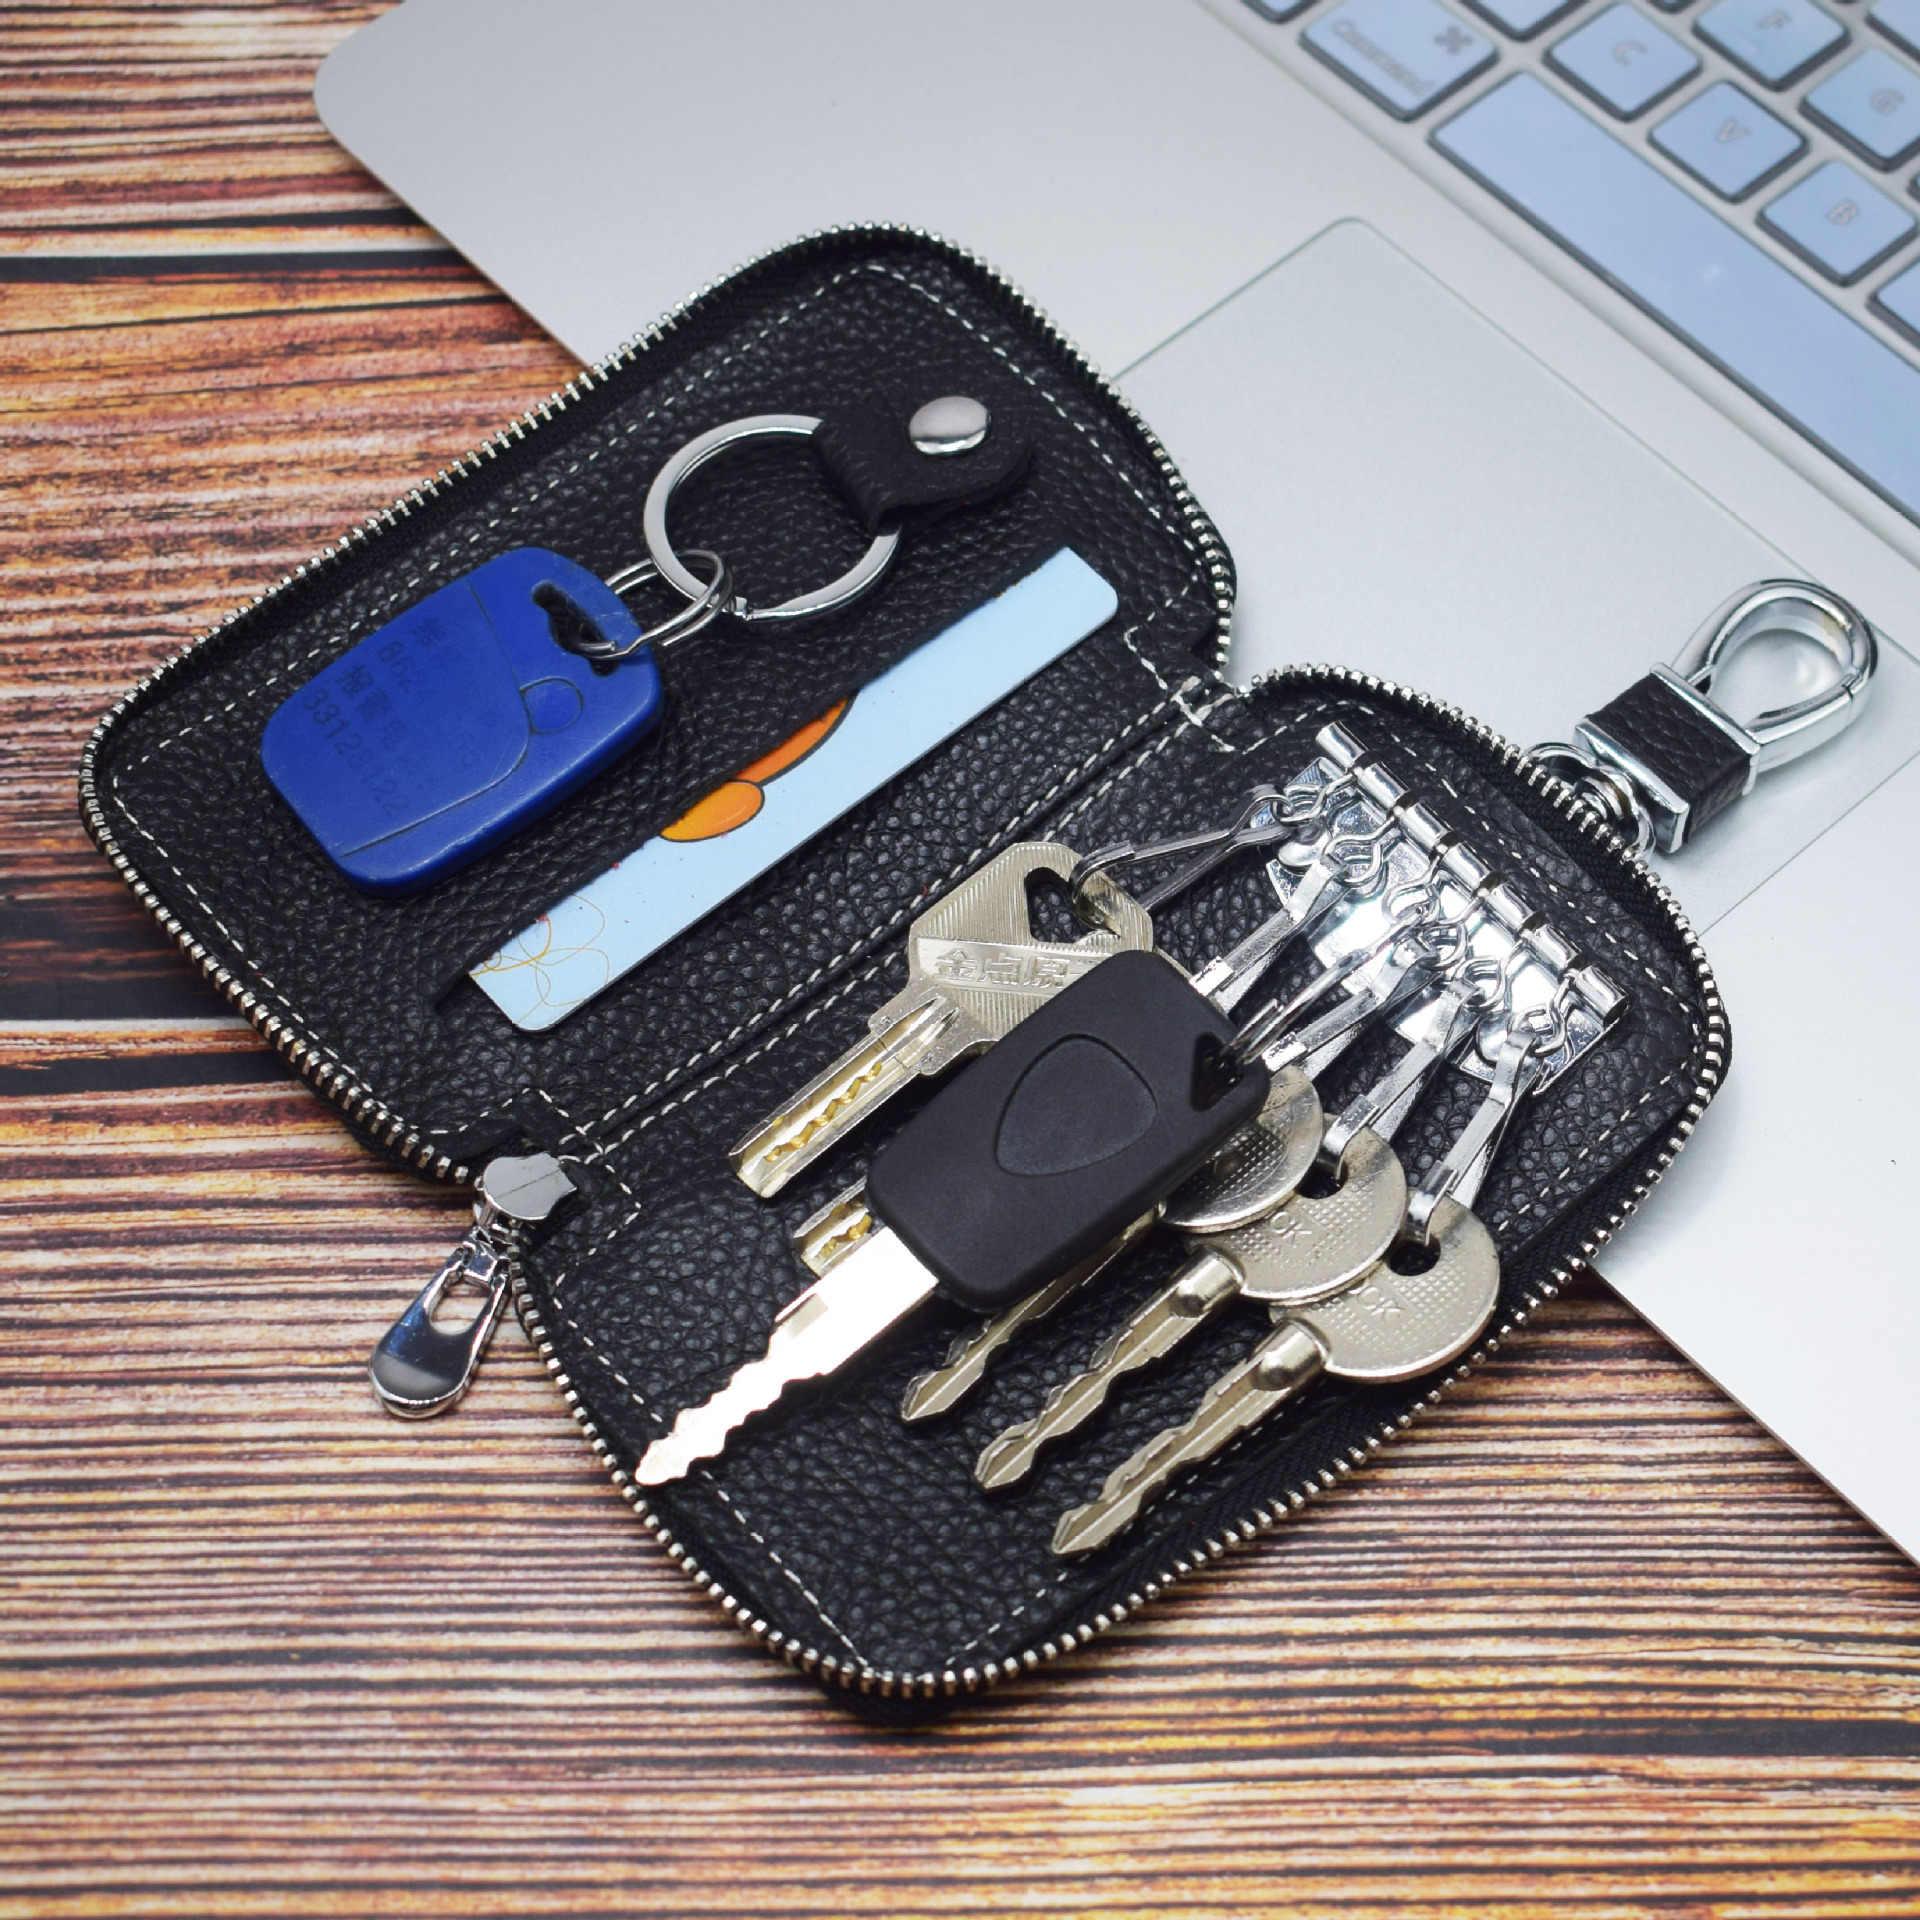 Etaofun nuevo hecho a mano 100% cuero genuino hombres mujeres llavero hogar multifunción tarjetas monederos almacenamiento llave bolsa caliente organizador de cartera